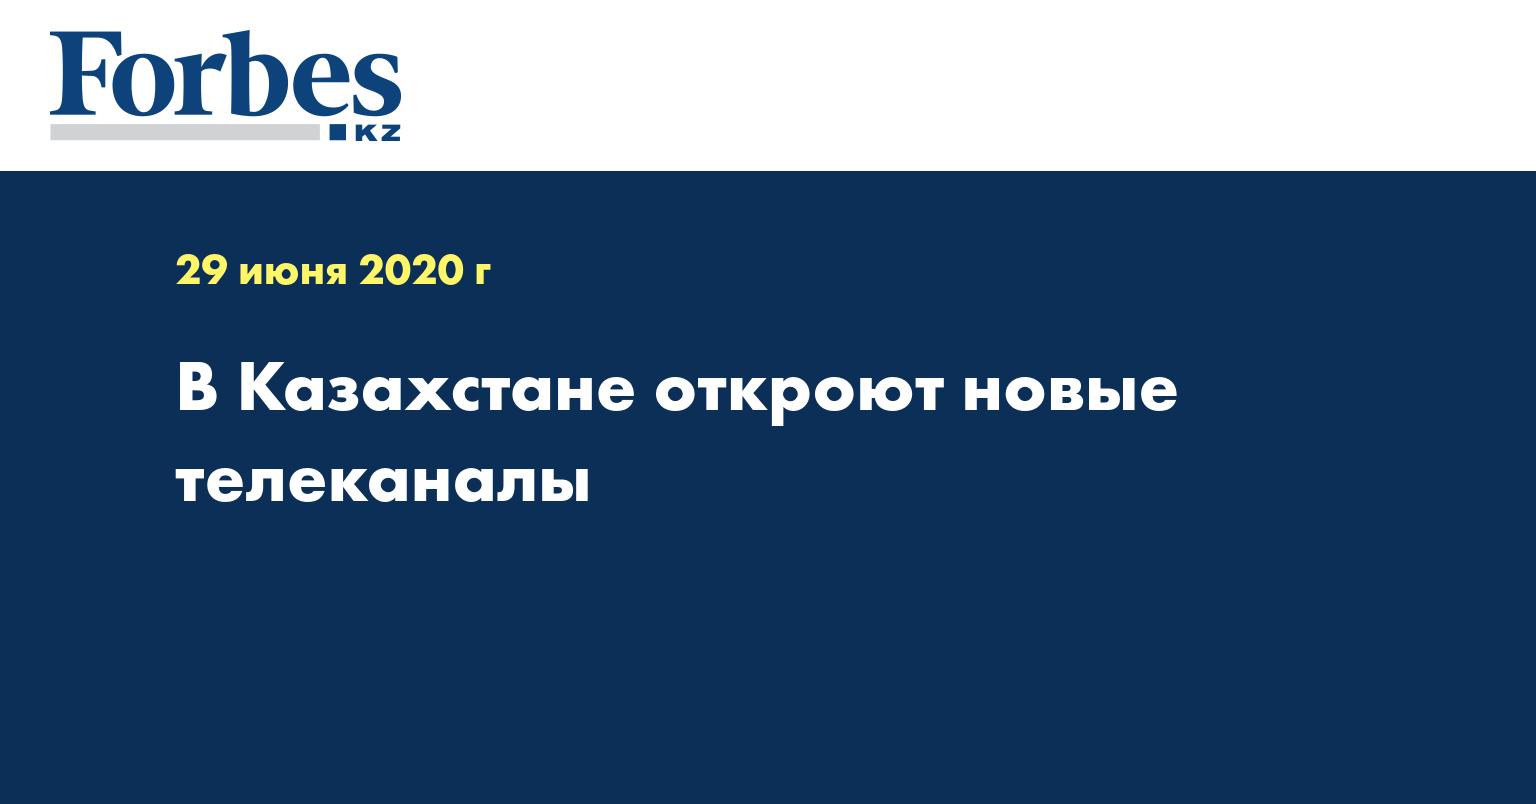 В Казахстане откроют новые телеканалы